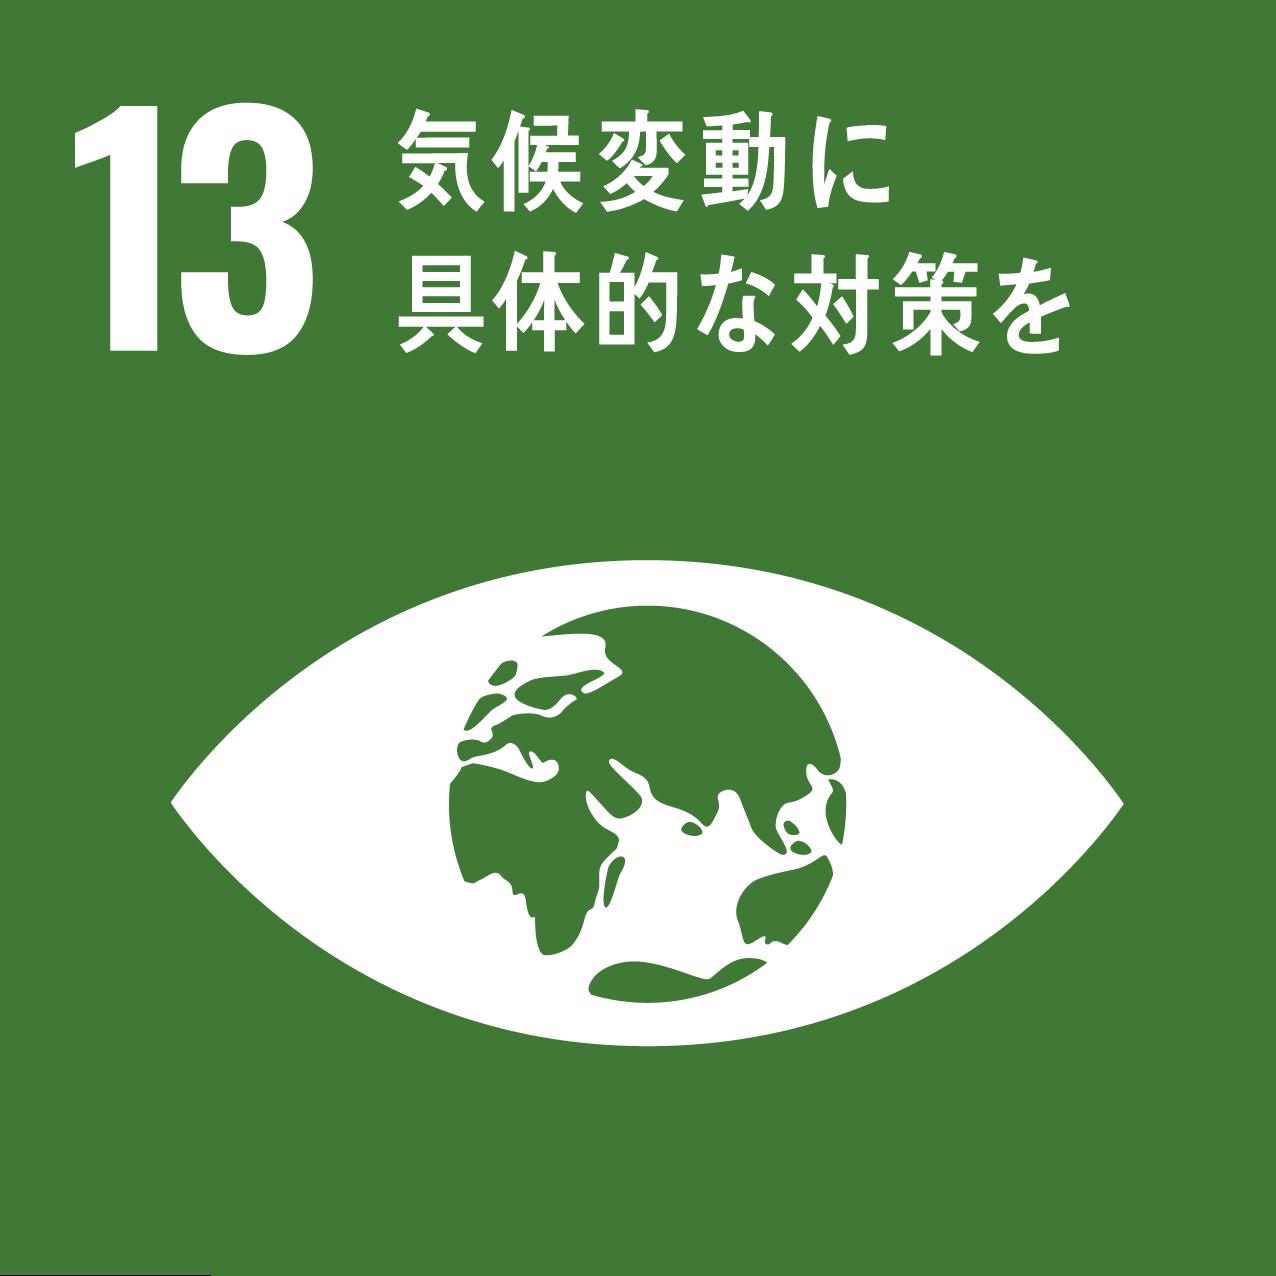 13_気候変動に具体的な対策を